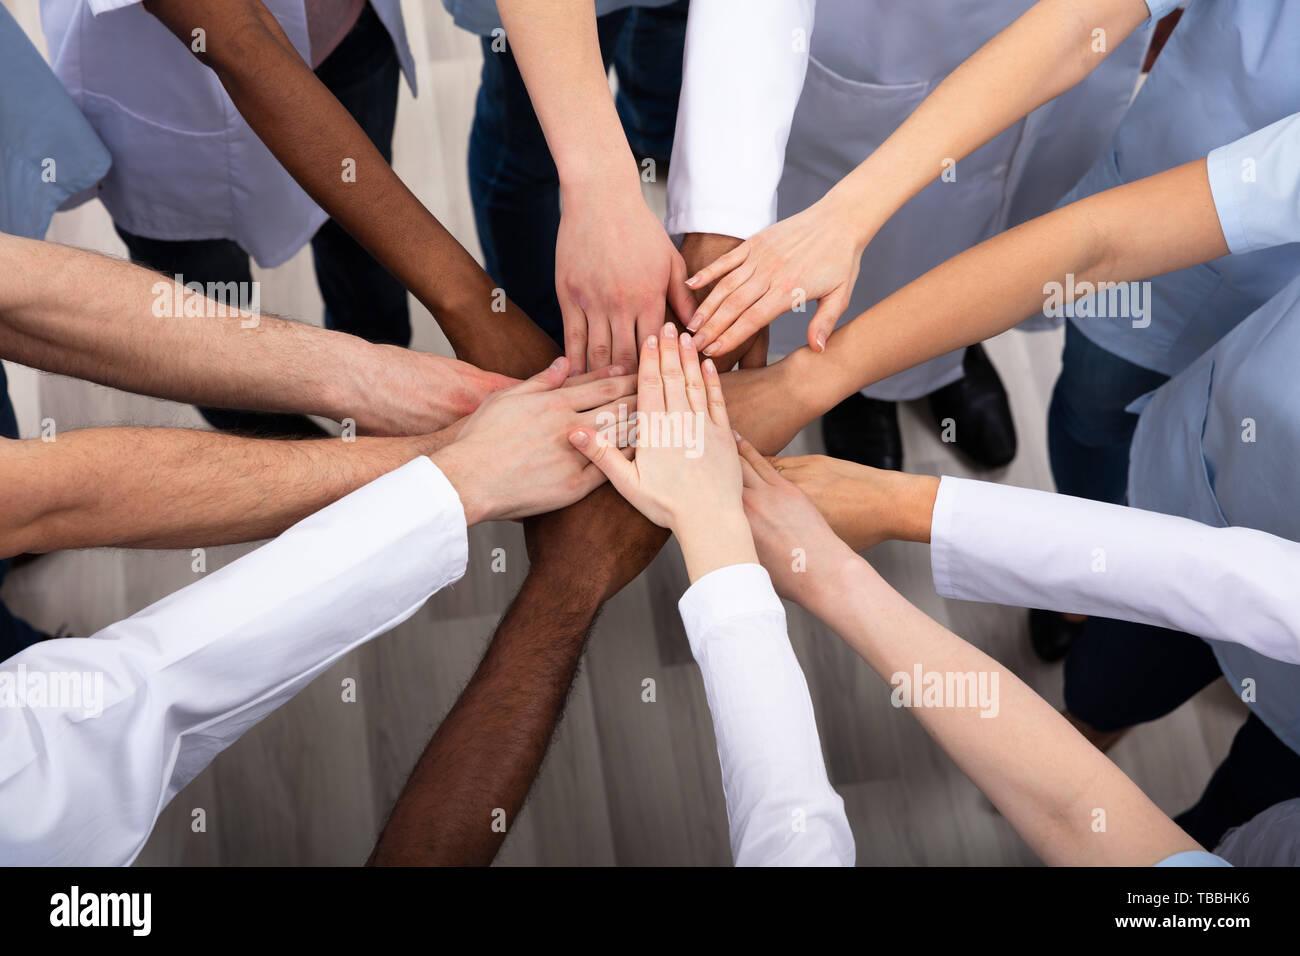 Direkt oberhalb der Schuß des medizinischen Teams Stapeln Hände zusammen am Krankenhaus Stockbild